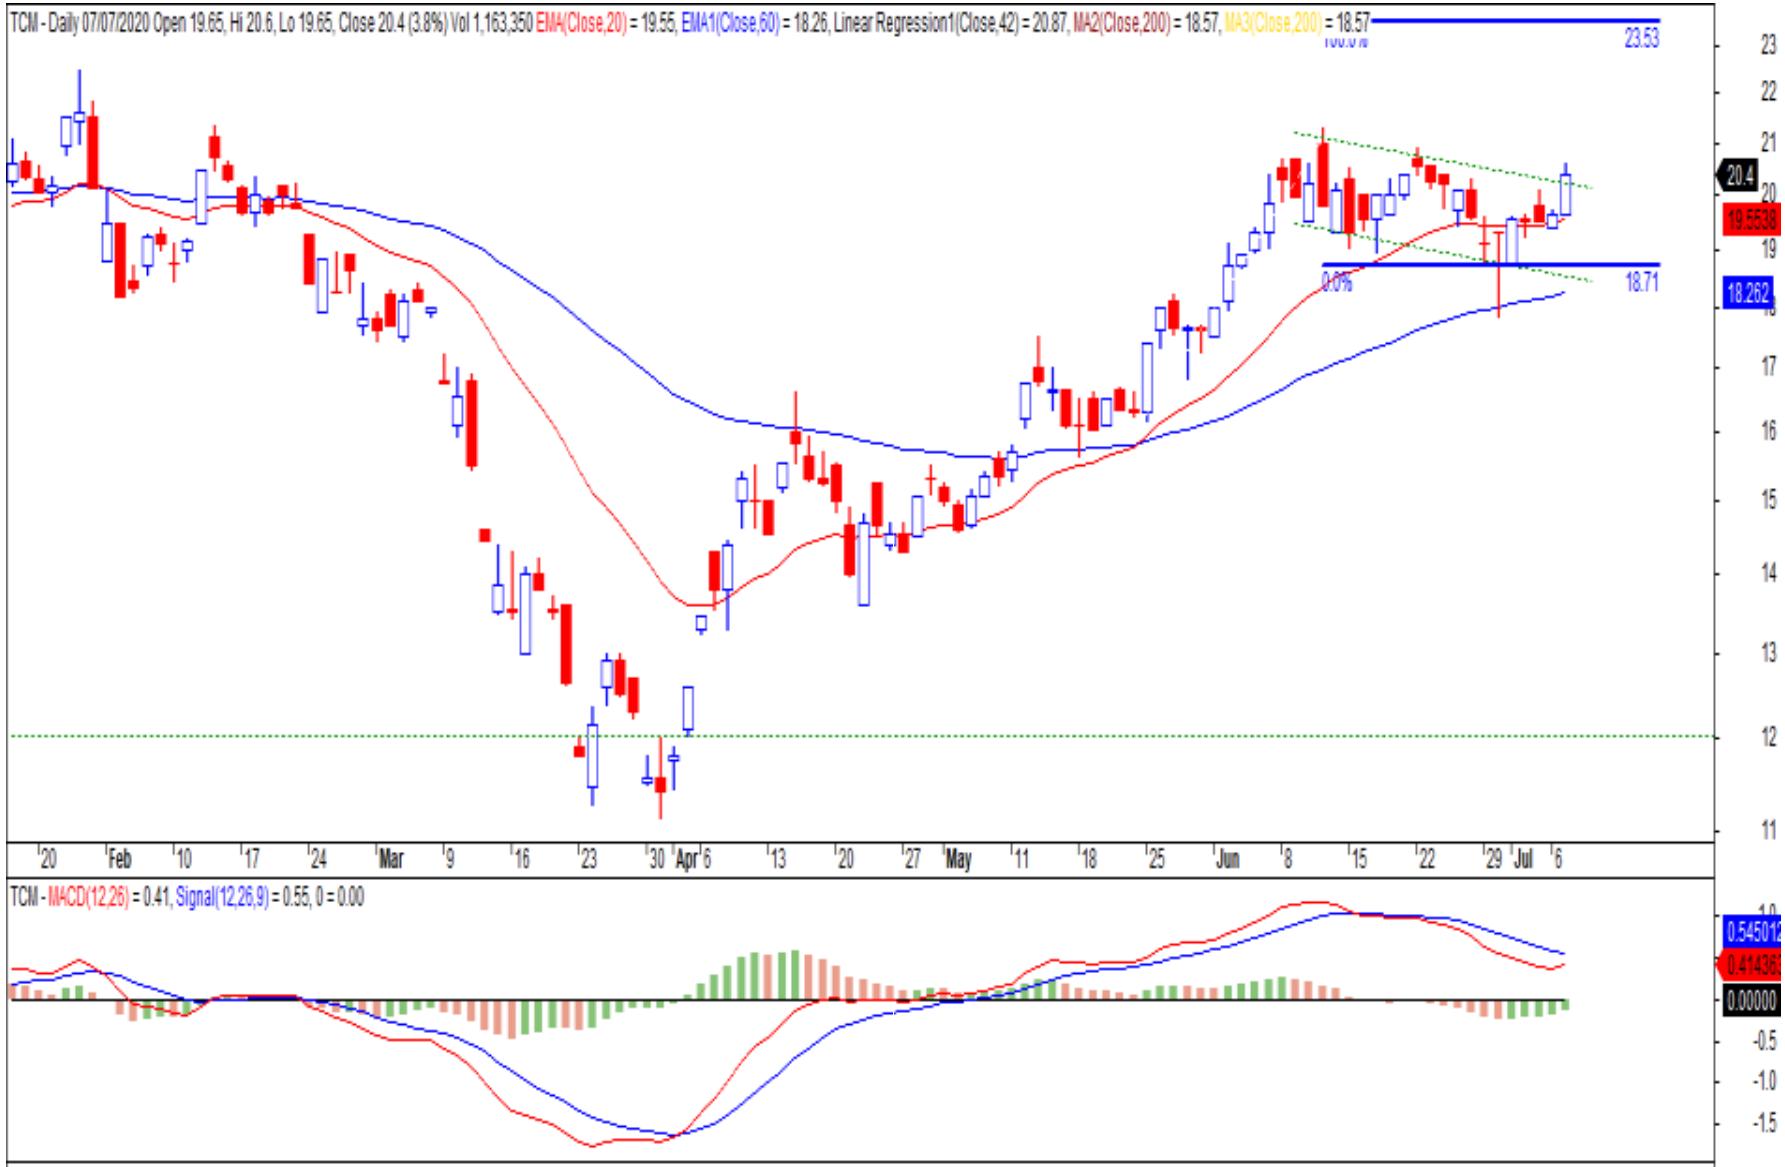 Cổ phiếu tâm điểm ngày 9/7: CTG, TCM, IMP, STK - Ảnh 2.